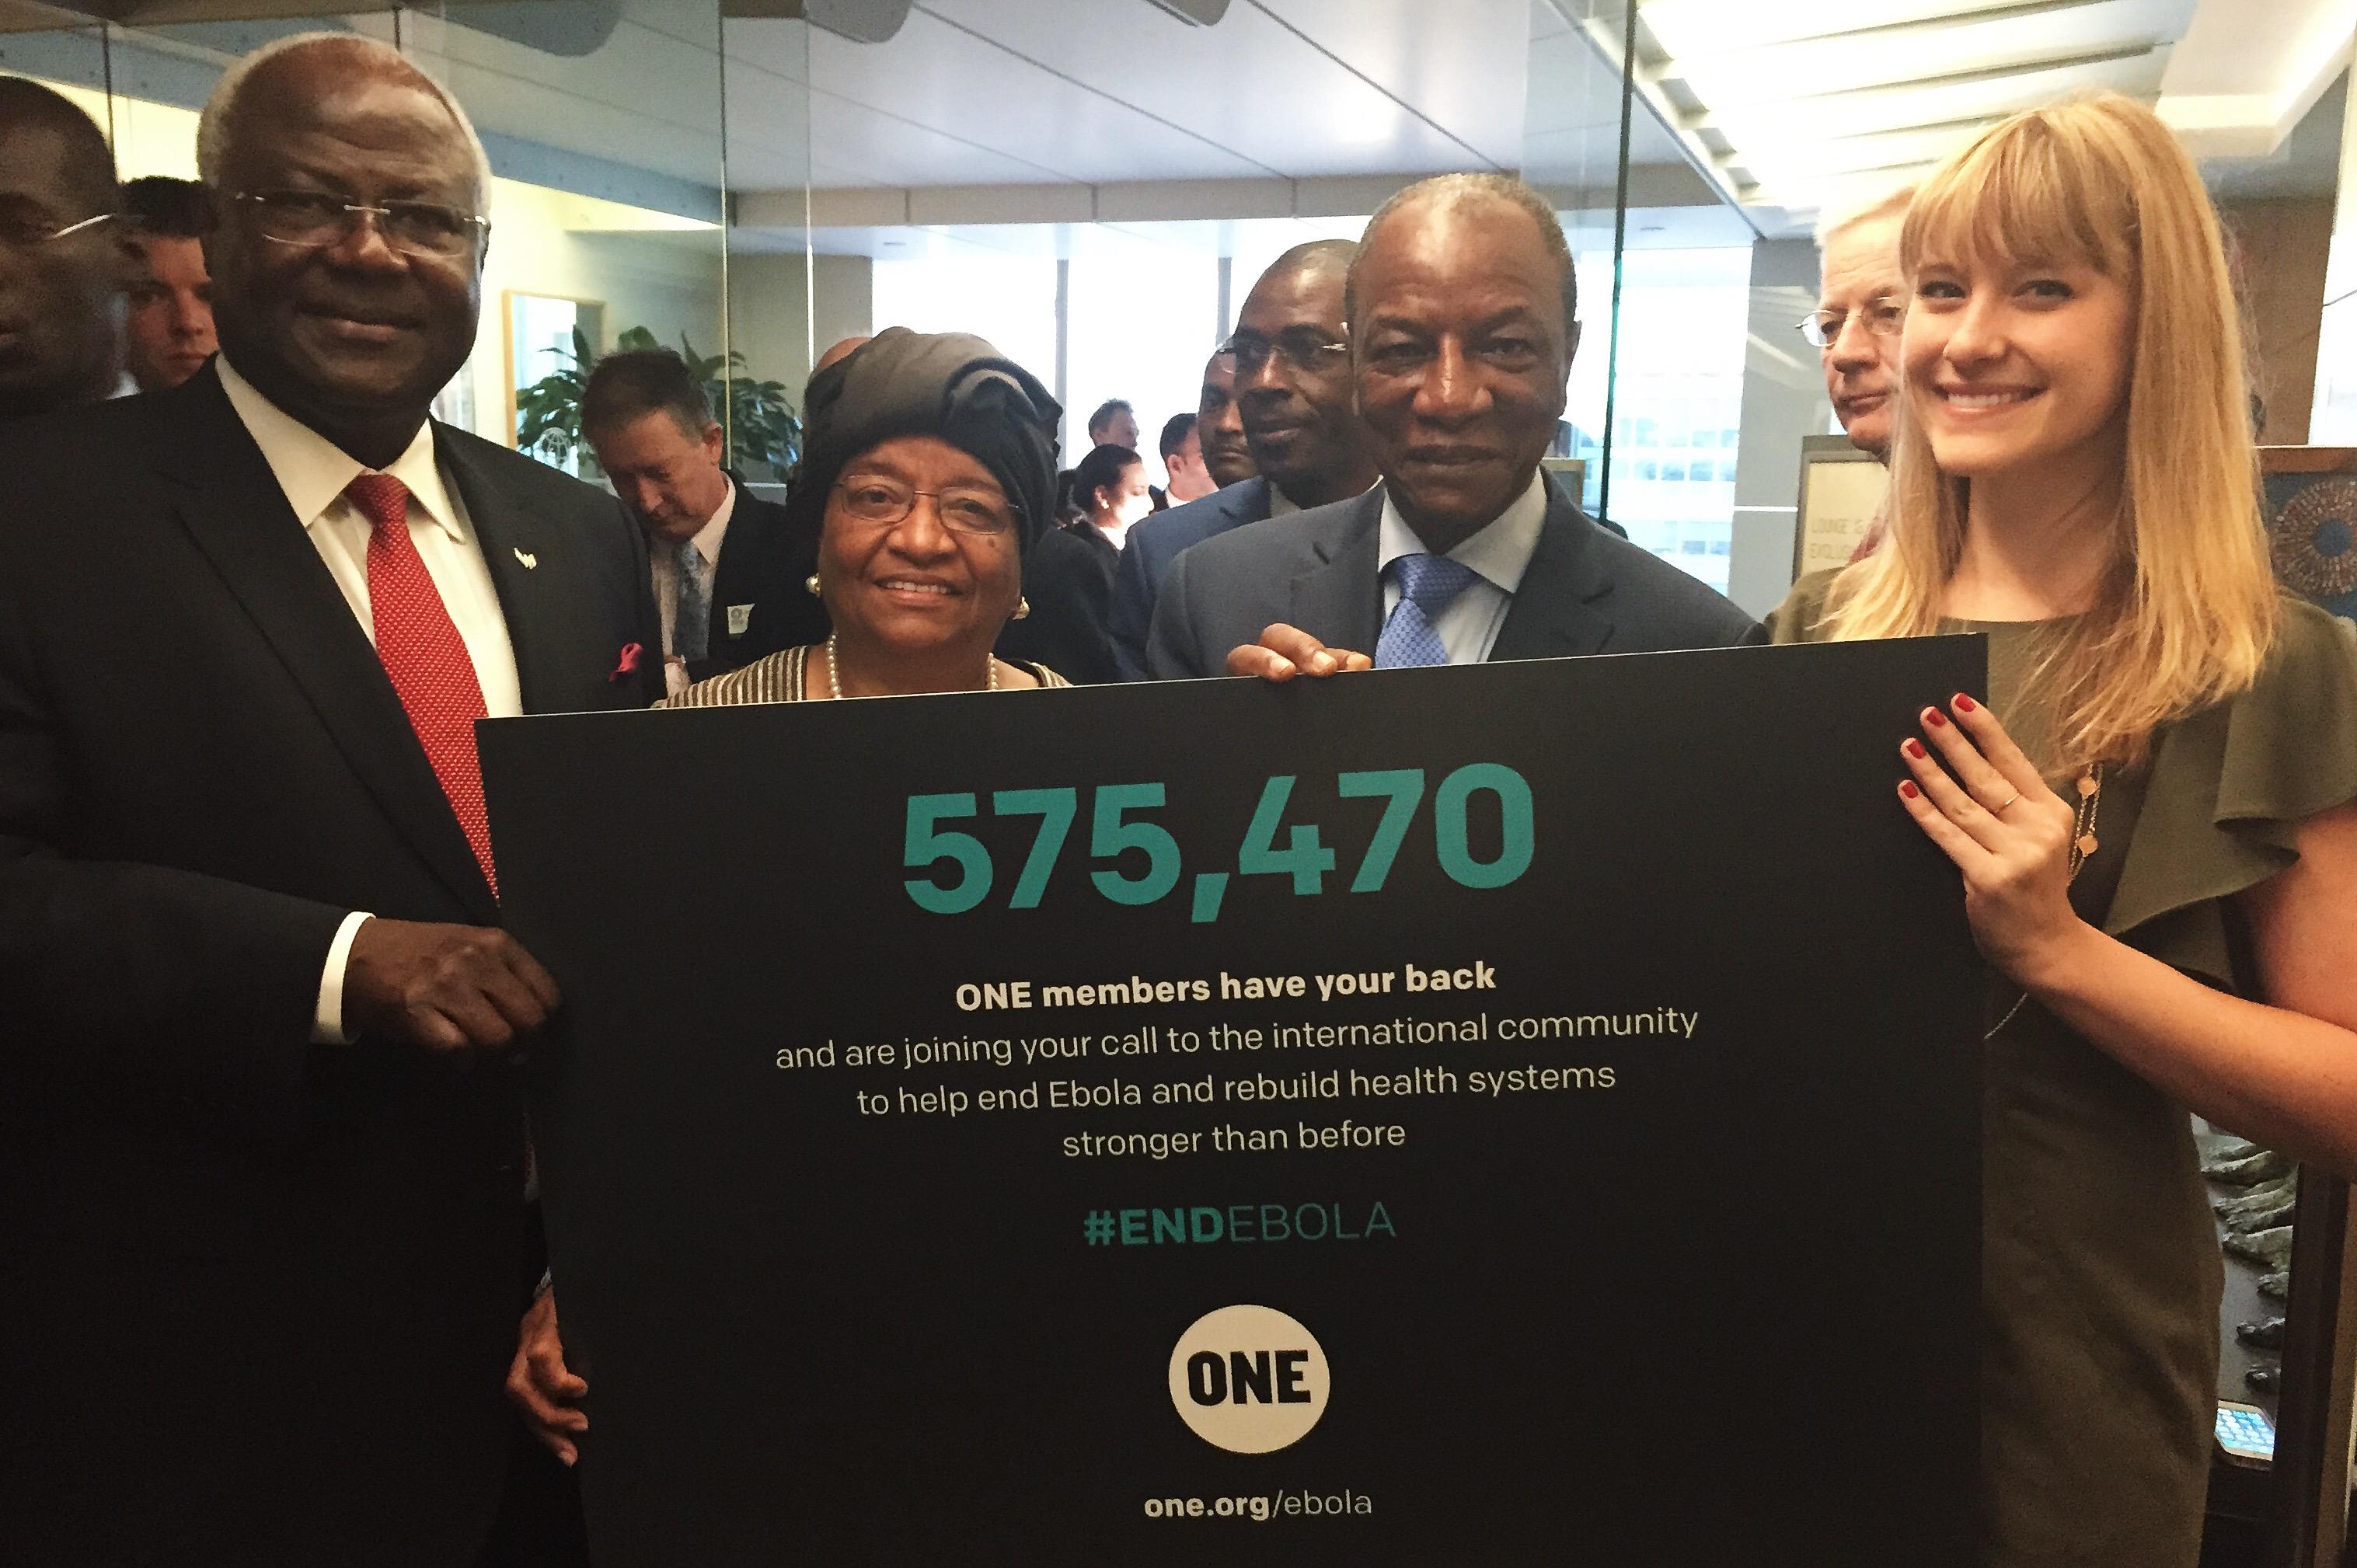 Ebola-uitbraak officieel ten einde verklaard